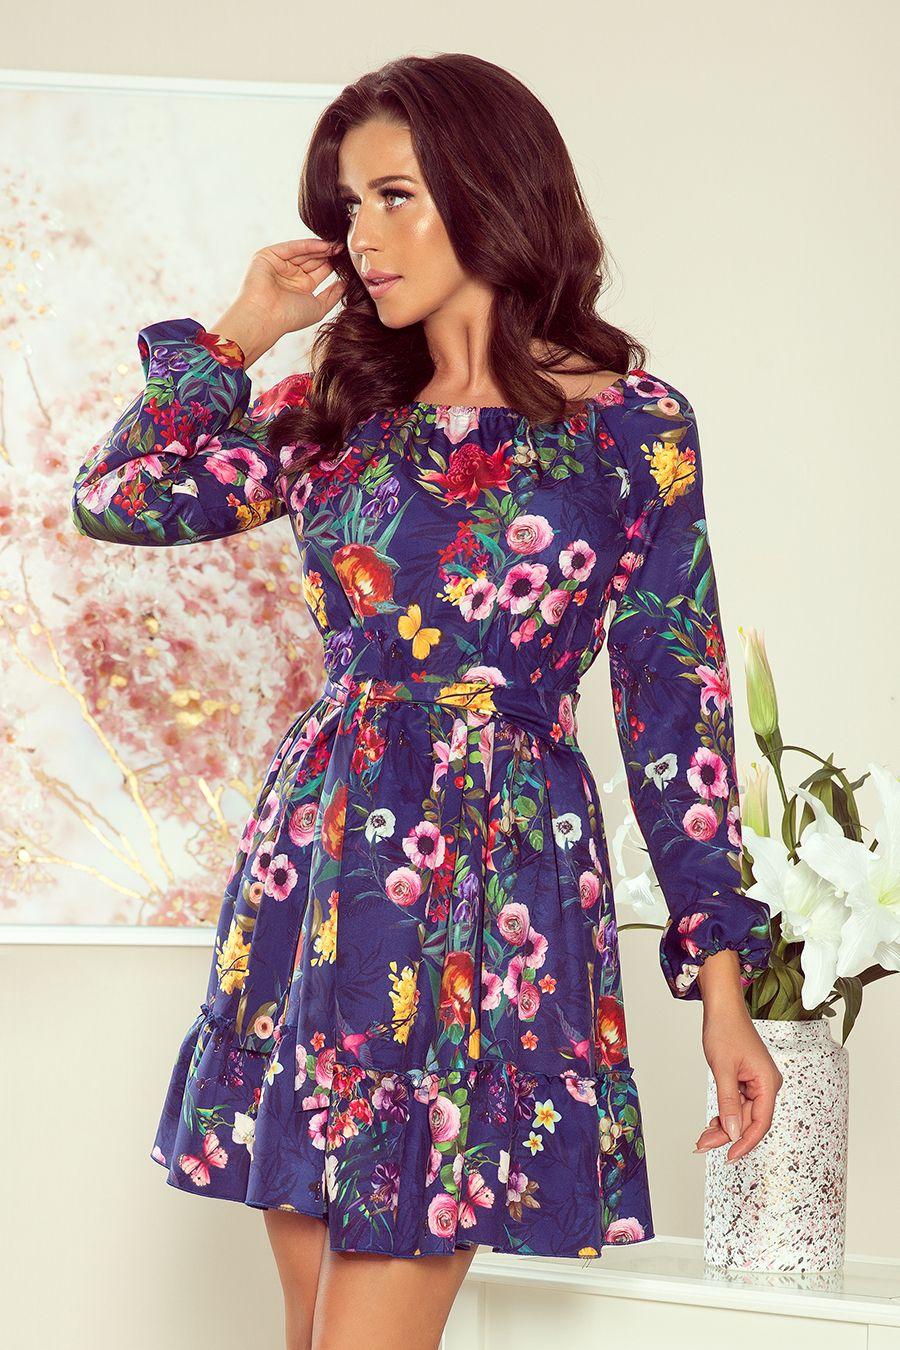 265 2 Daisy Sukienka Z Falbankami Kwiaty Na Granatowym Tle Dresses Fashion Dresses Daisy Dress